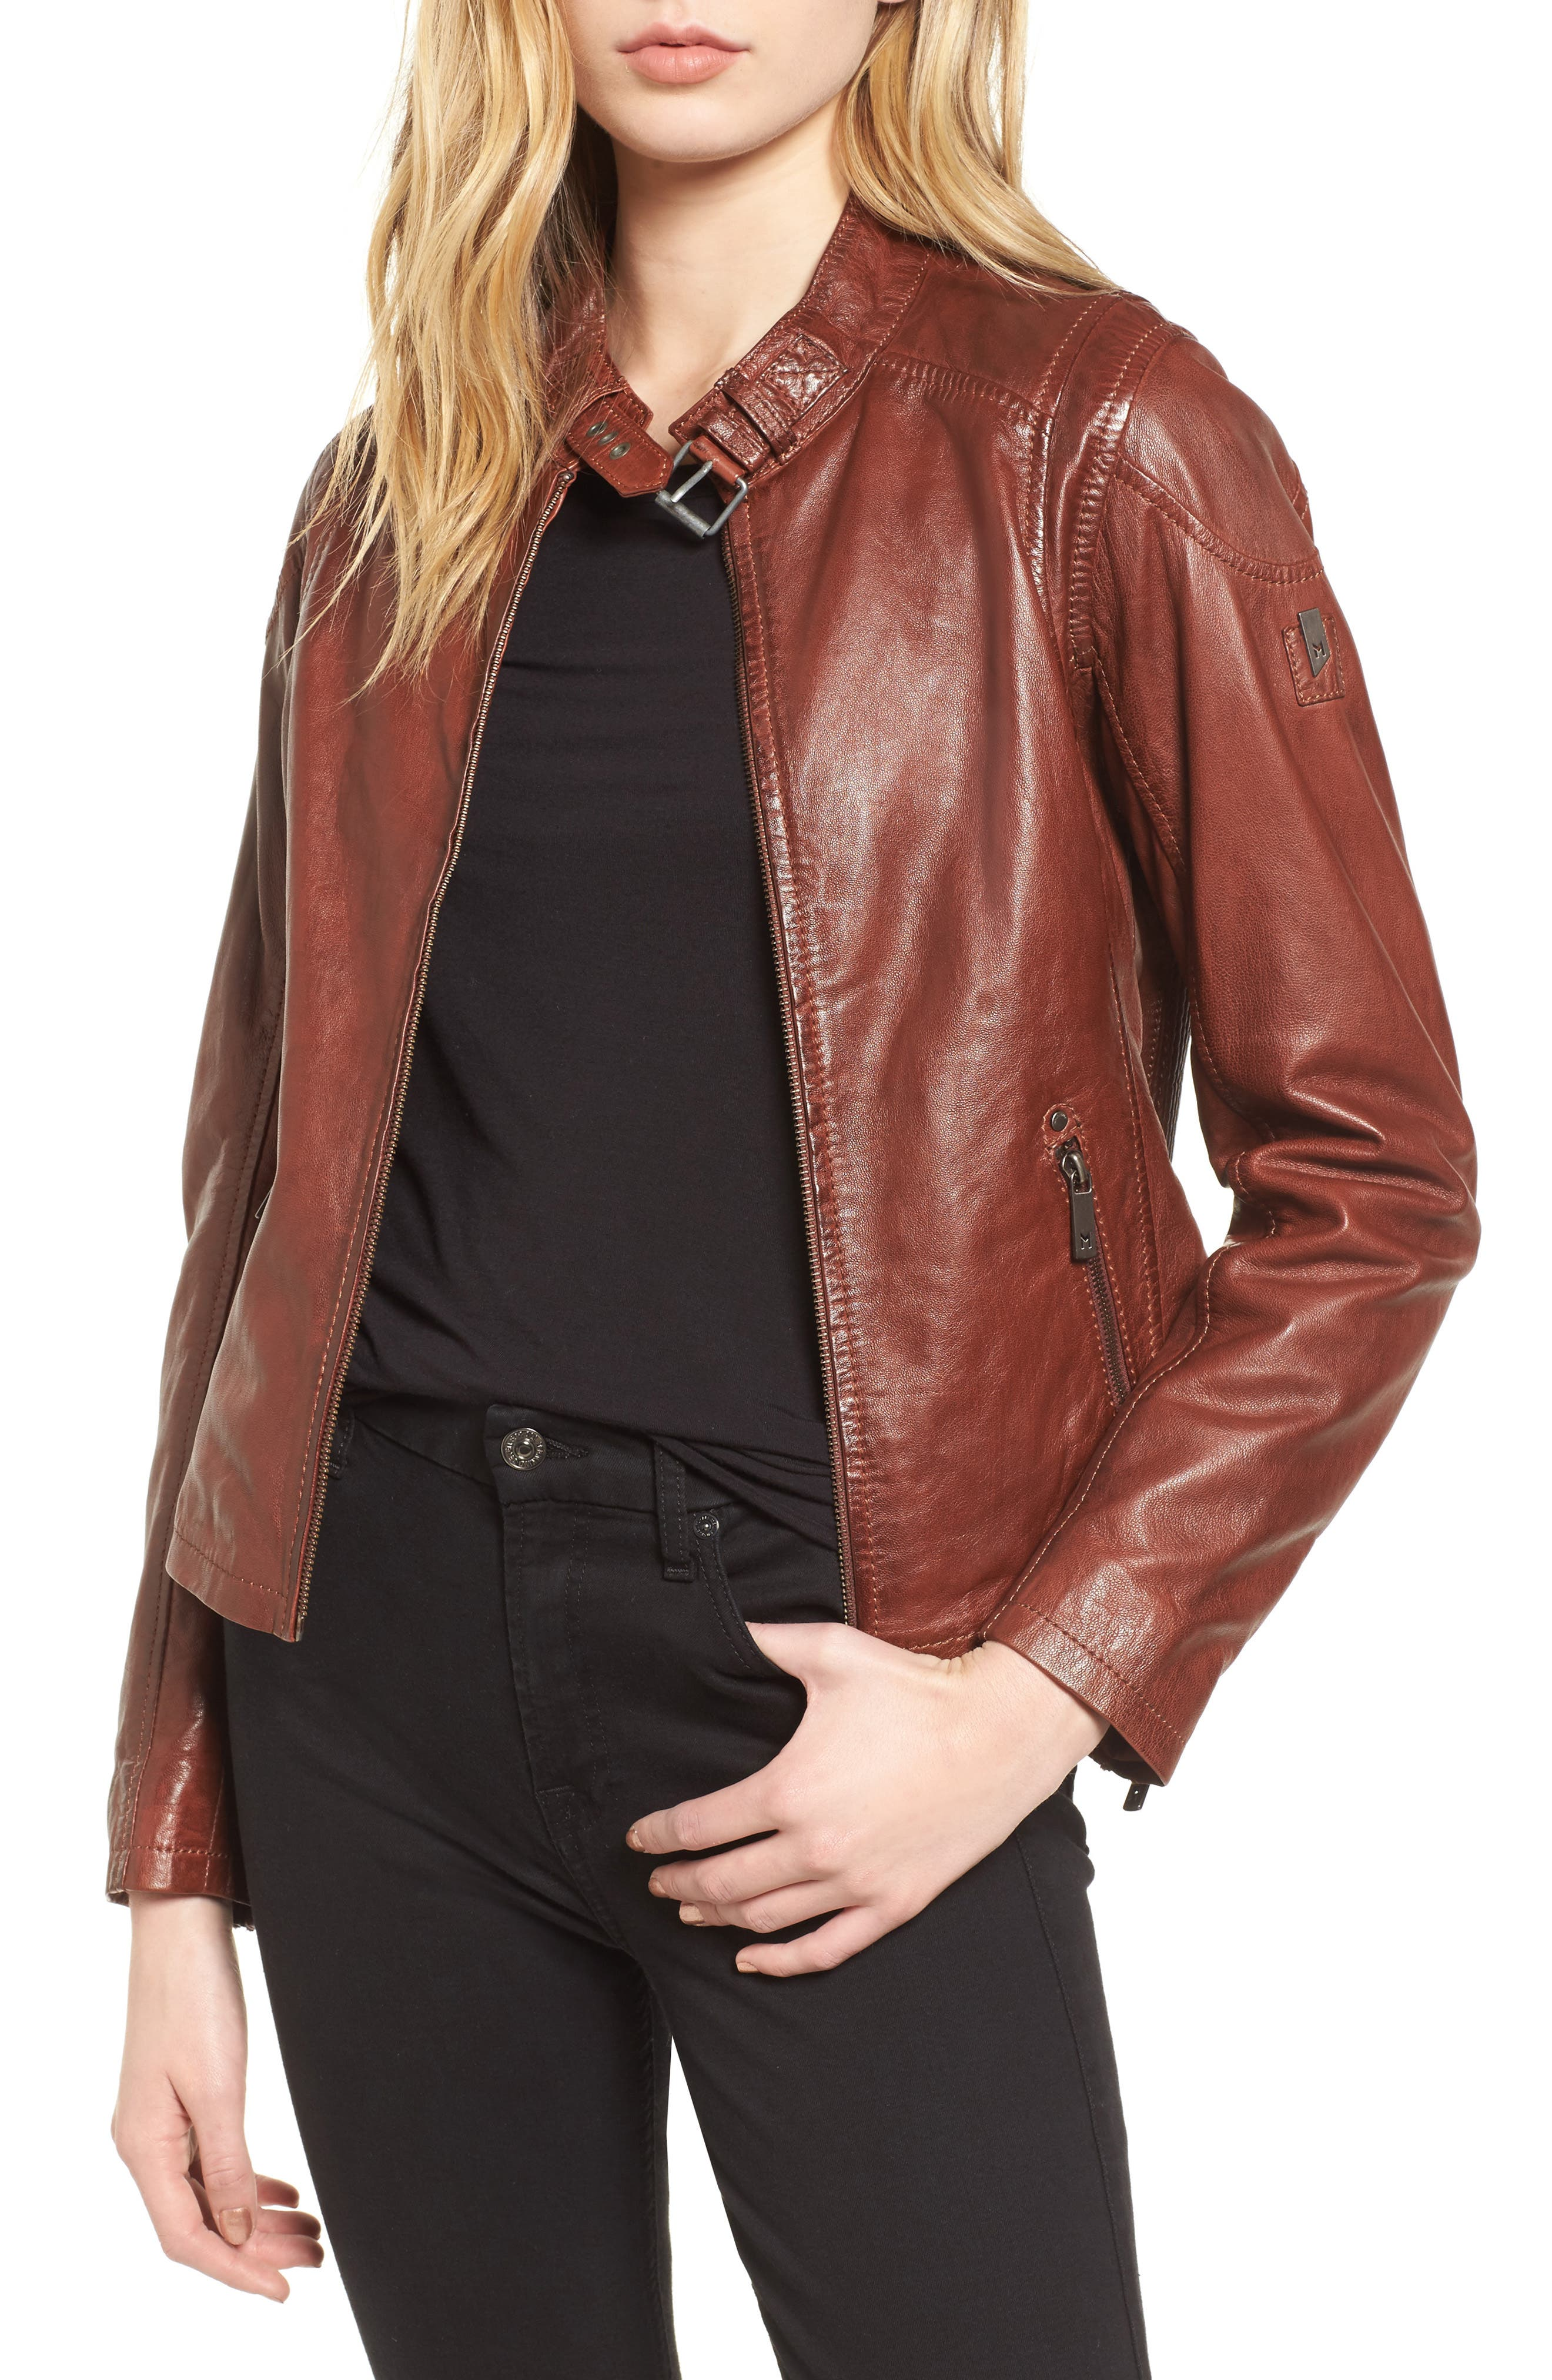 Alternate Image 1 Selected - Mauritius Leather Lambskin Leather Moto Jacket